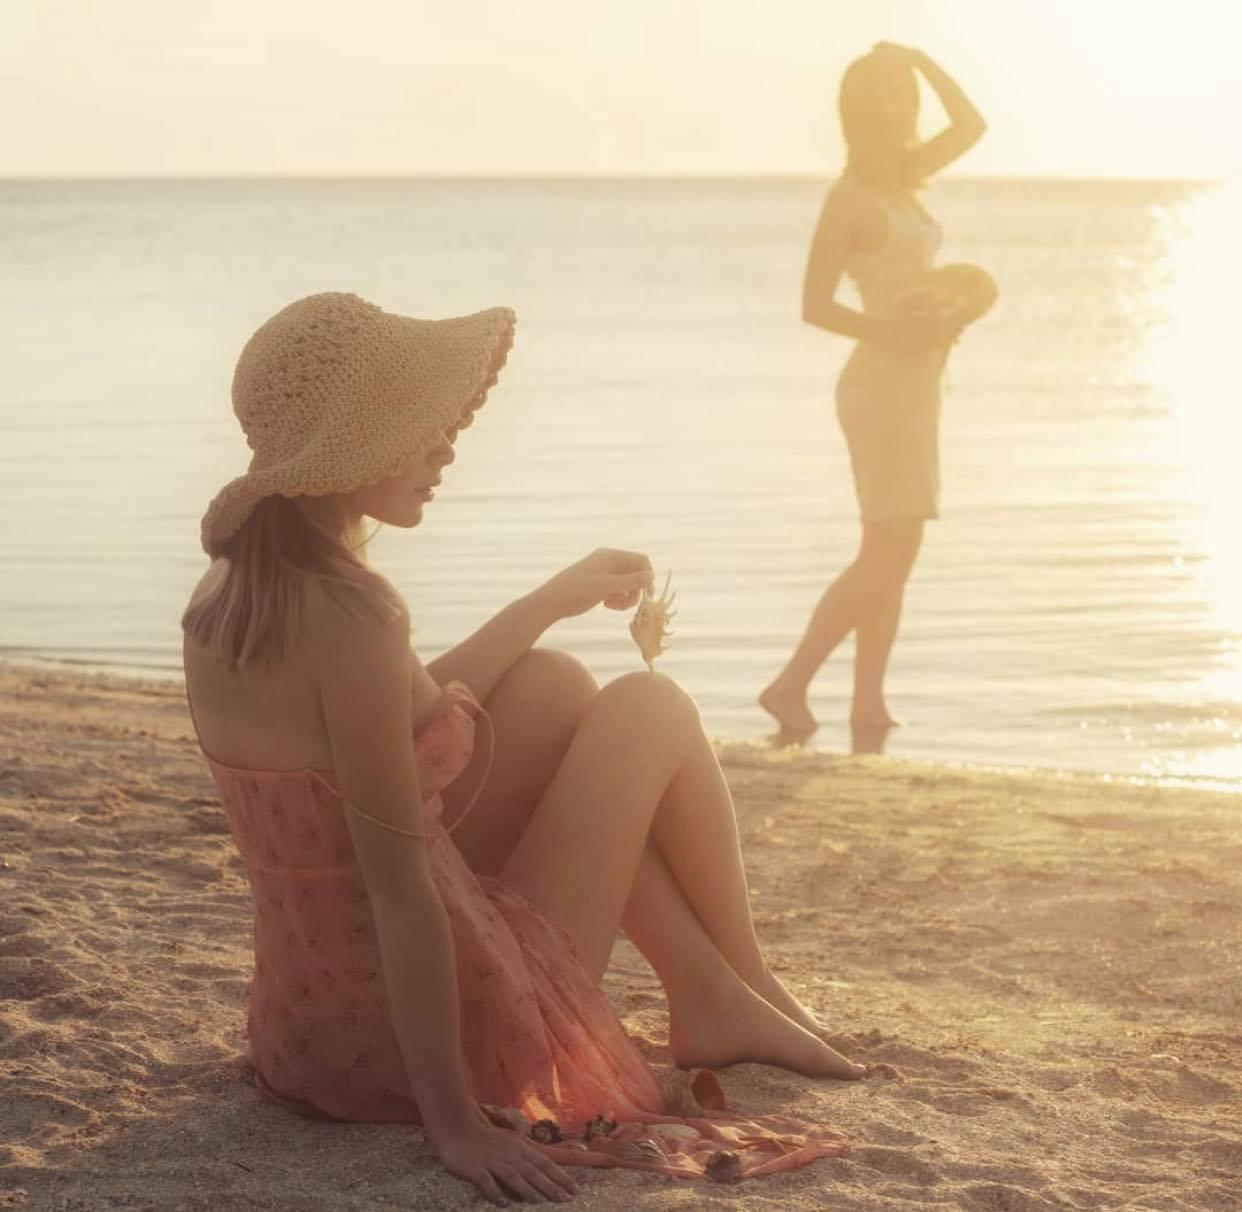 """2 thiếu nữ """"thả vòng 1 bên bờ biển"""" gây thương nhớ trong bộ ảnh """"Người đi nhặt vỏ sò"""" - 1"""